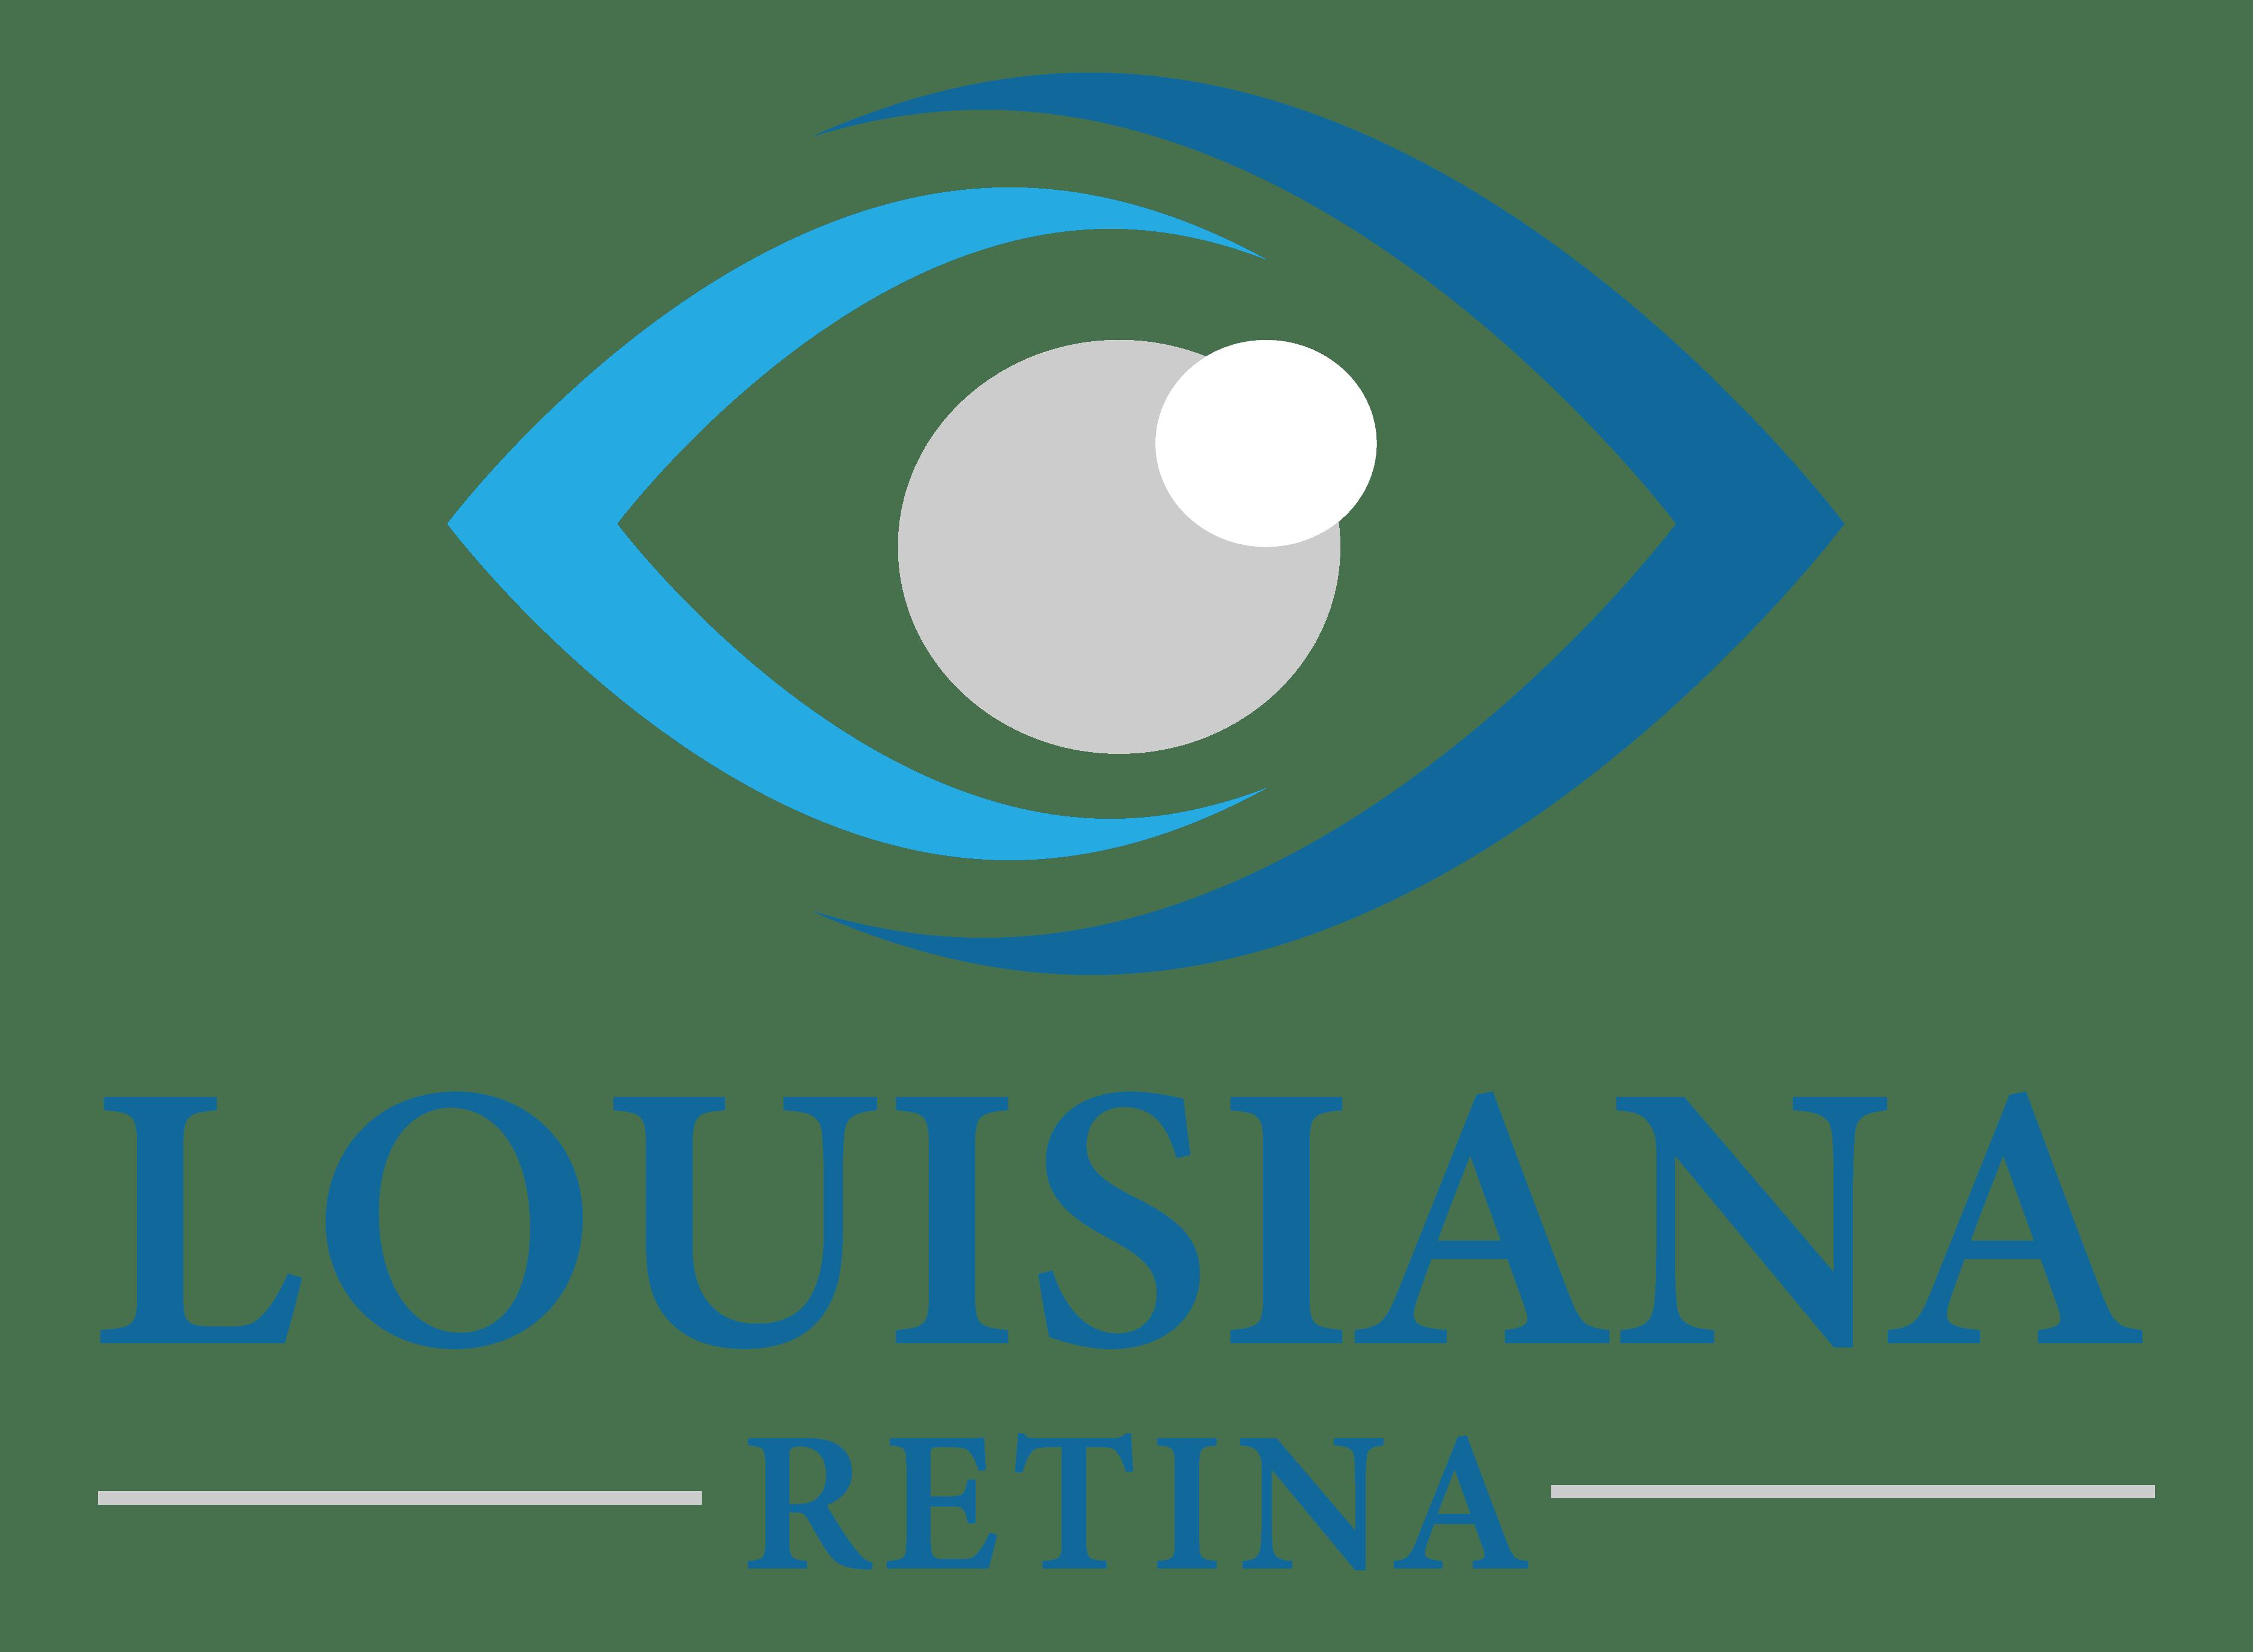 Louisiana Retina